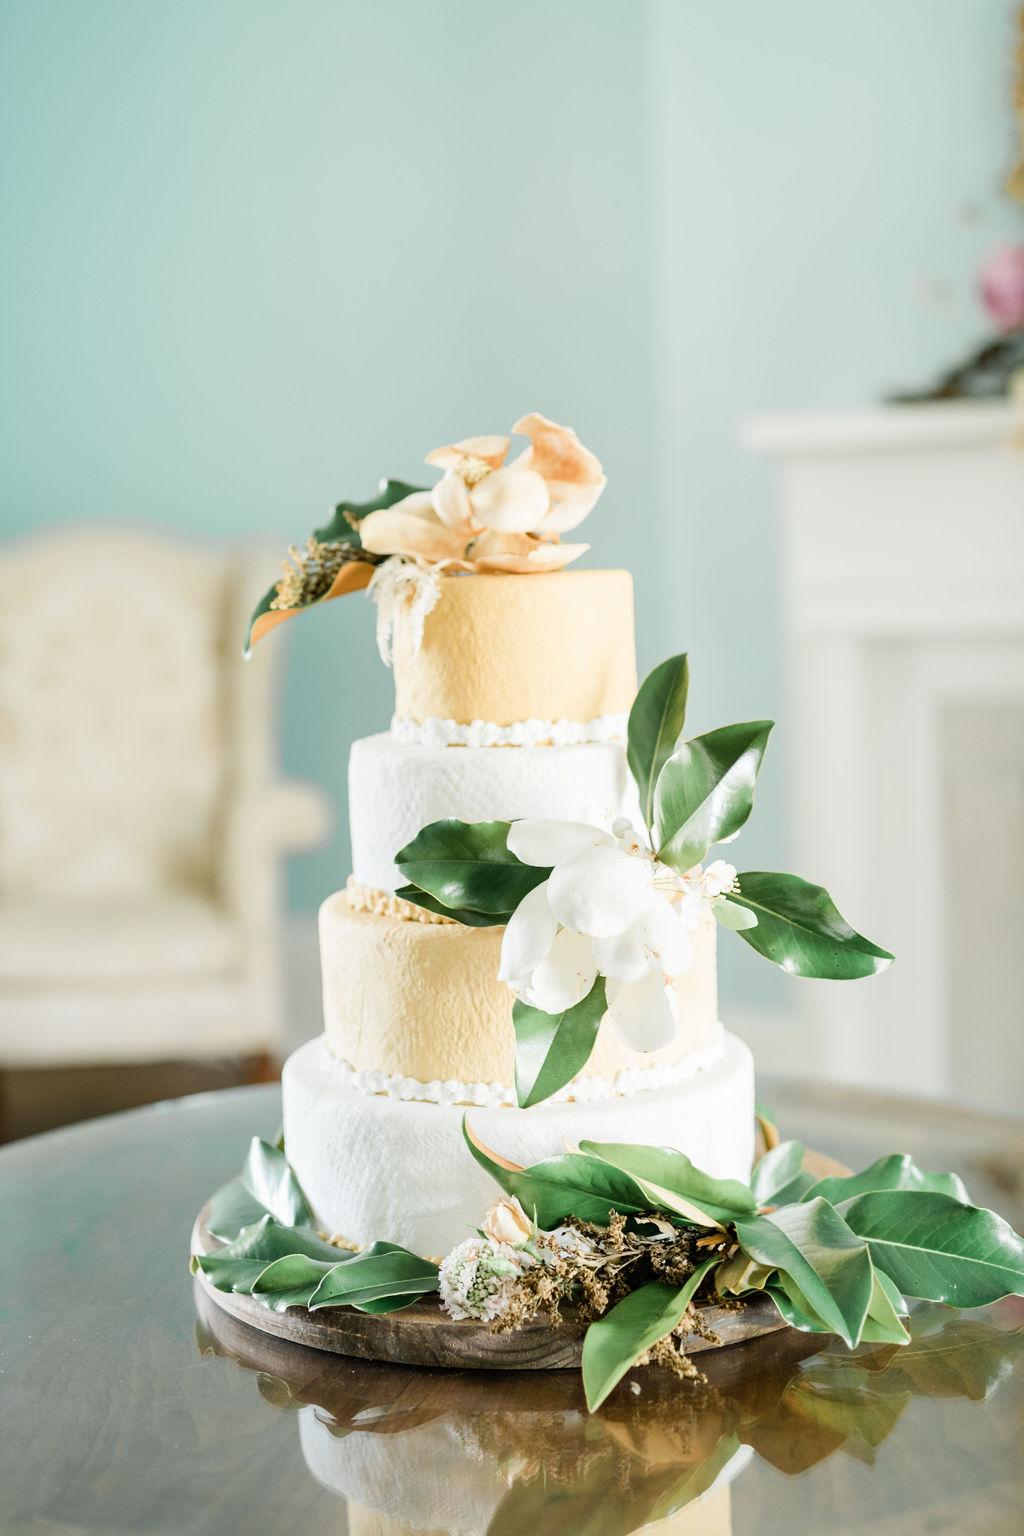 Sweet Things Bakery Nashville wedding cake